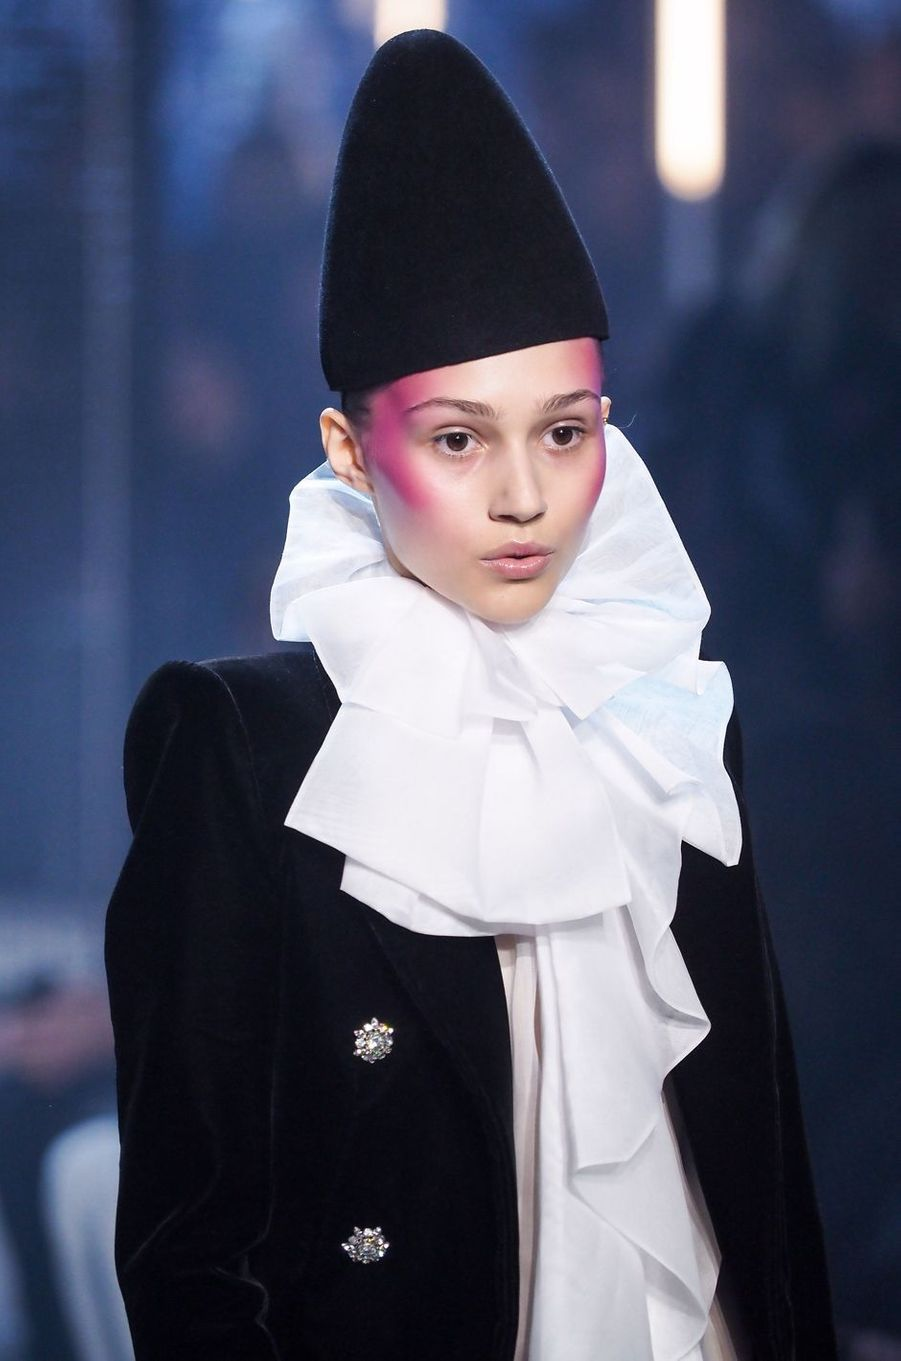 Défilé Alexandre Vauthier, le 23 janvier 2018 au Grand Palais